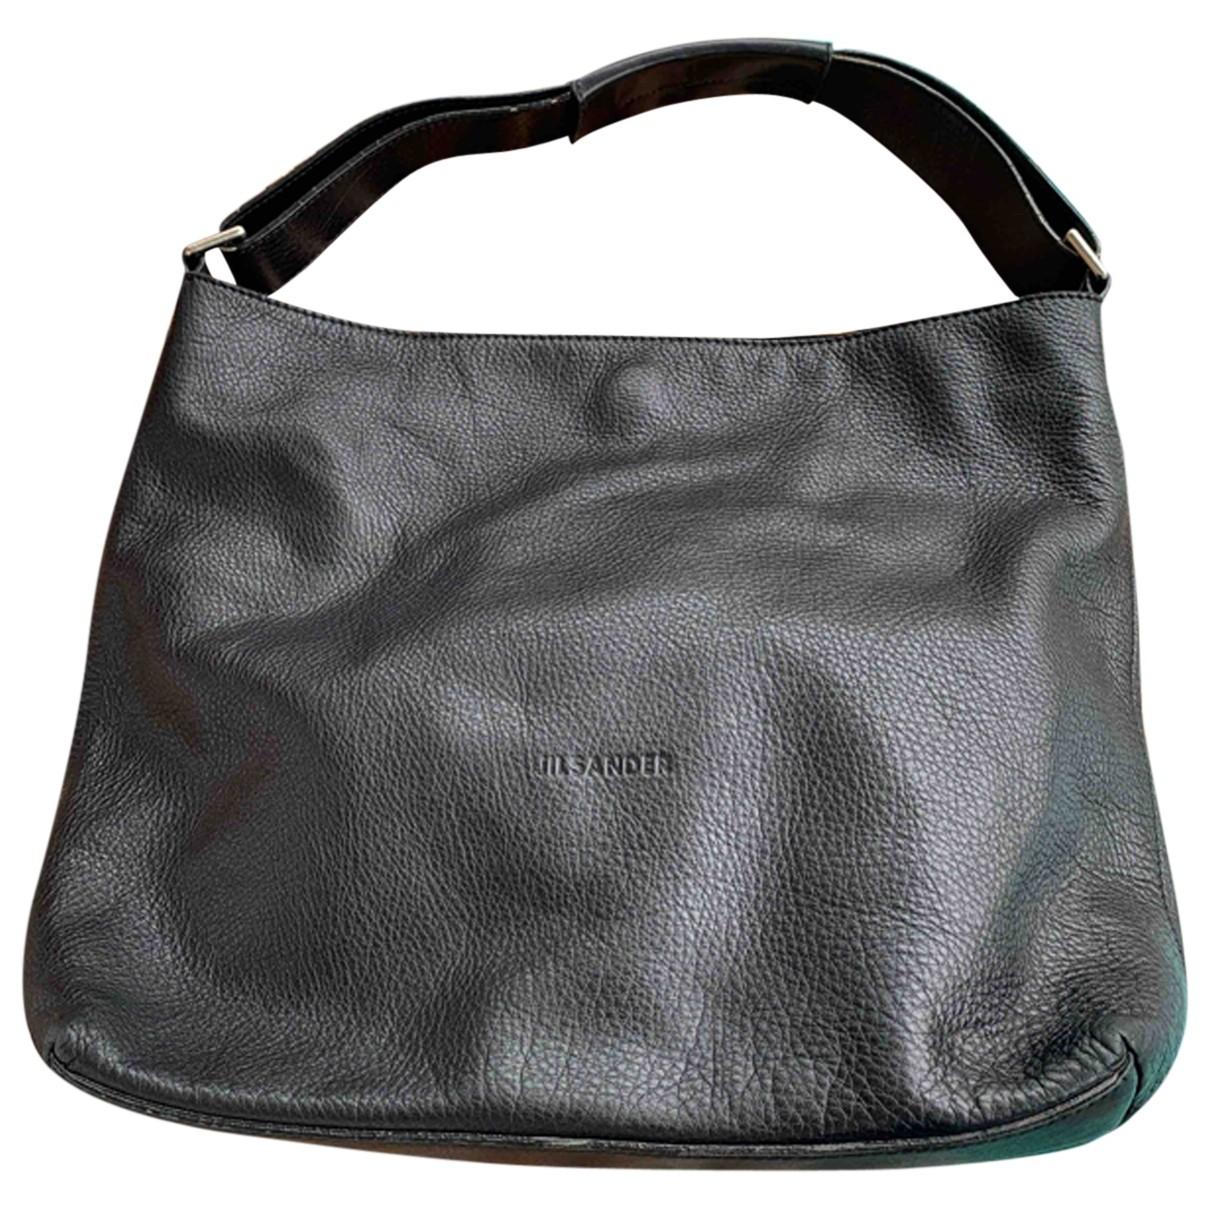 Jil Sander - Sac a main Shopper pour femme en cuir - noir